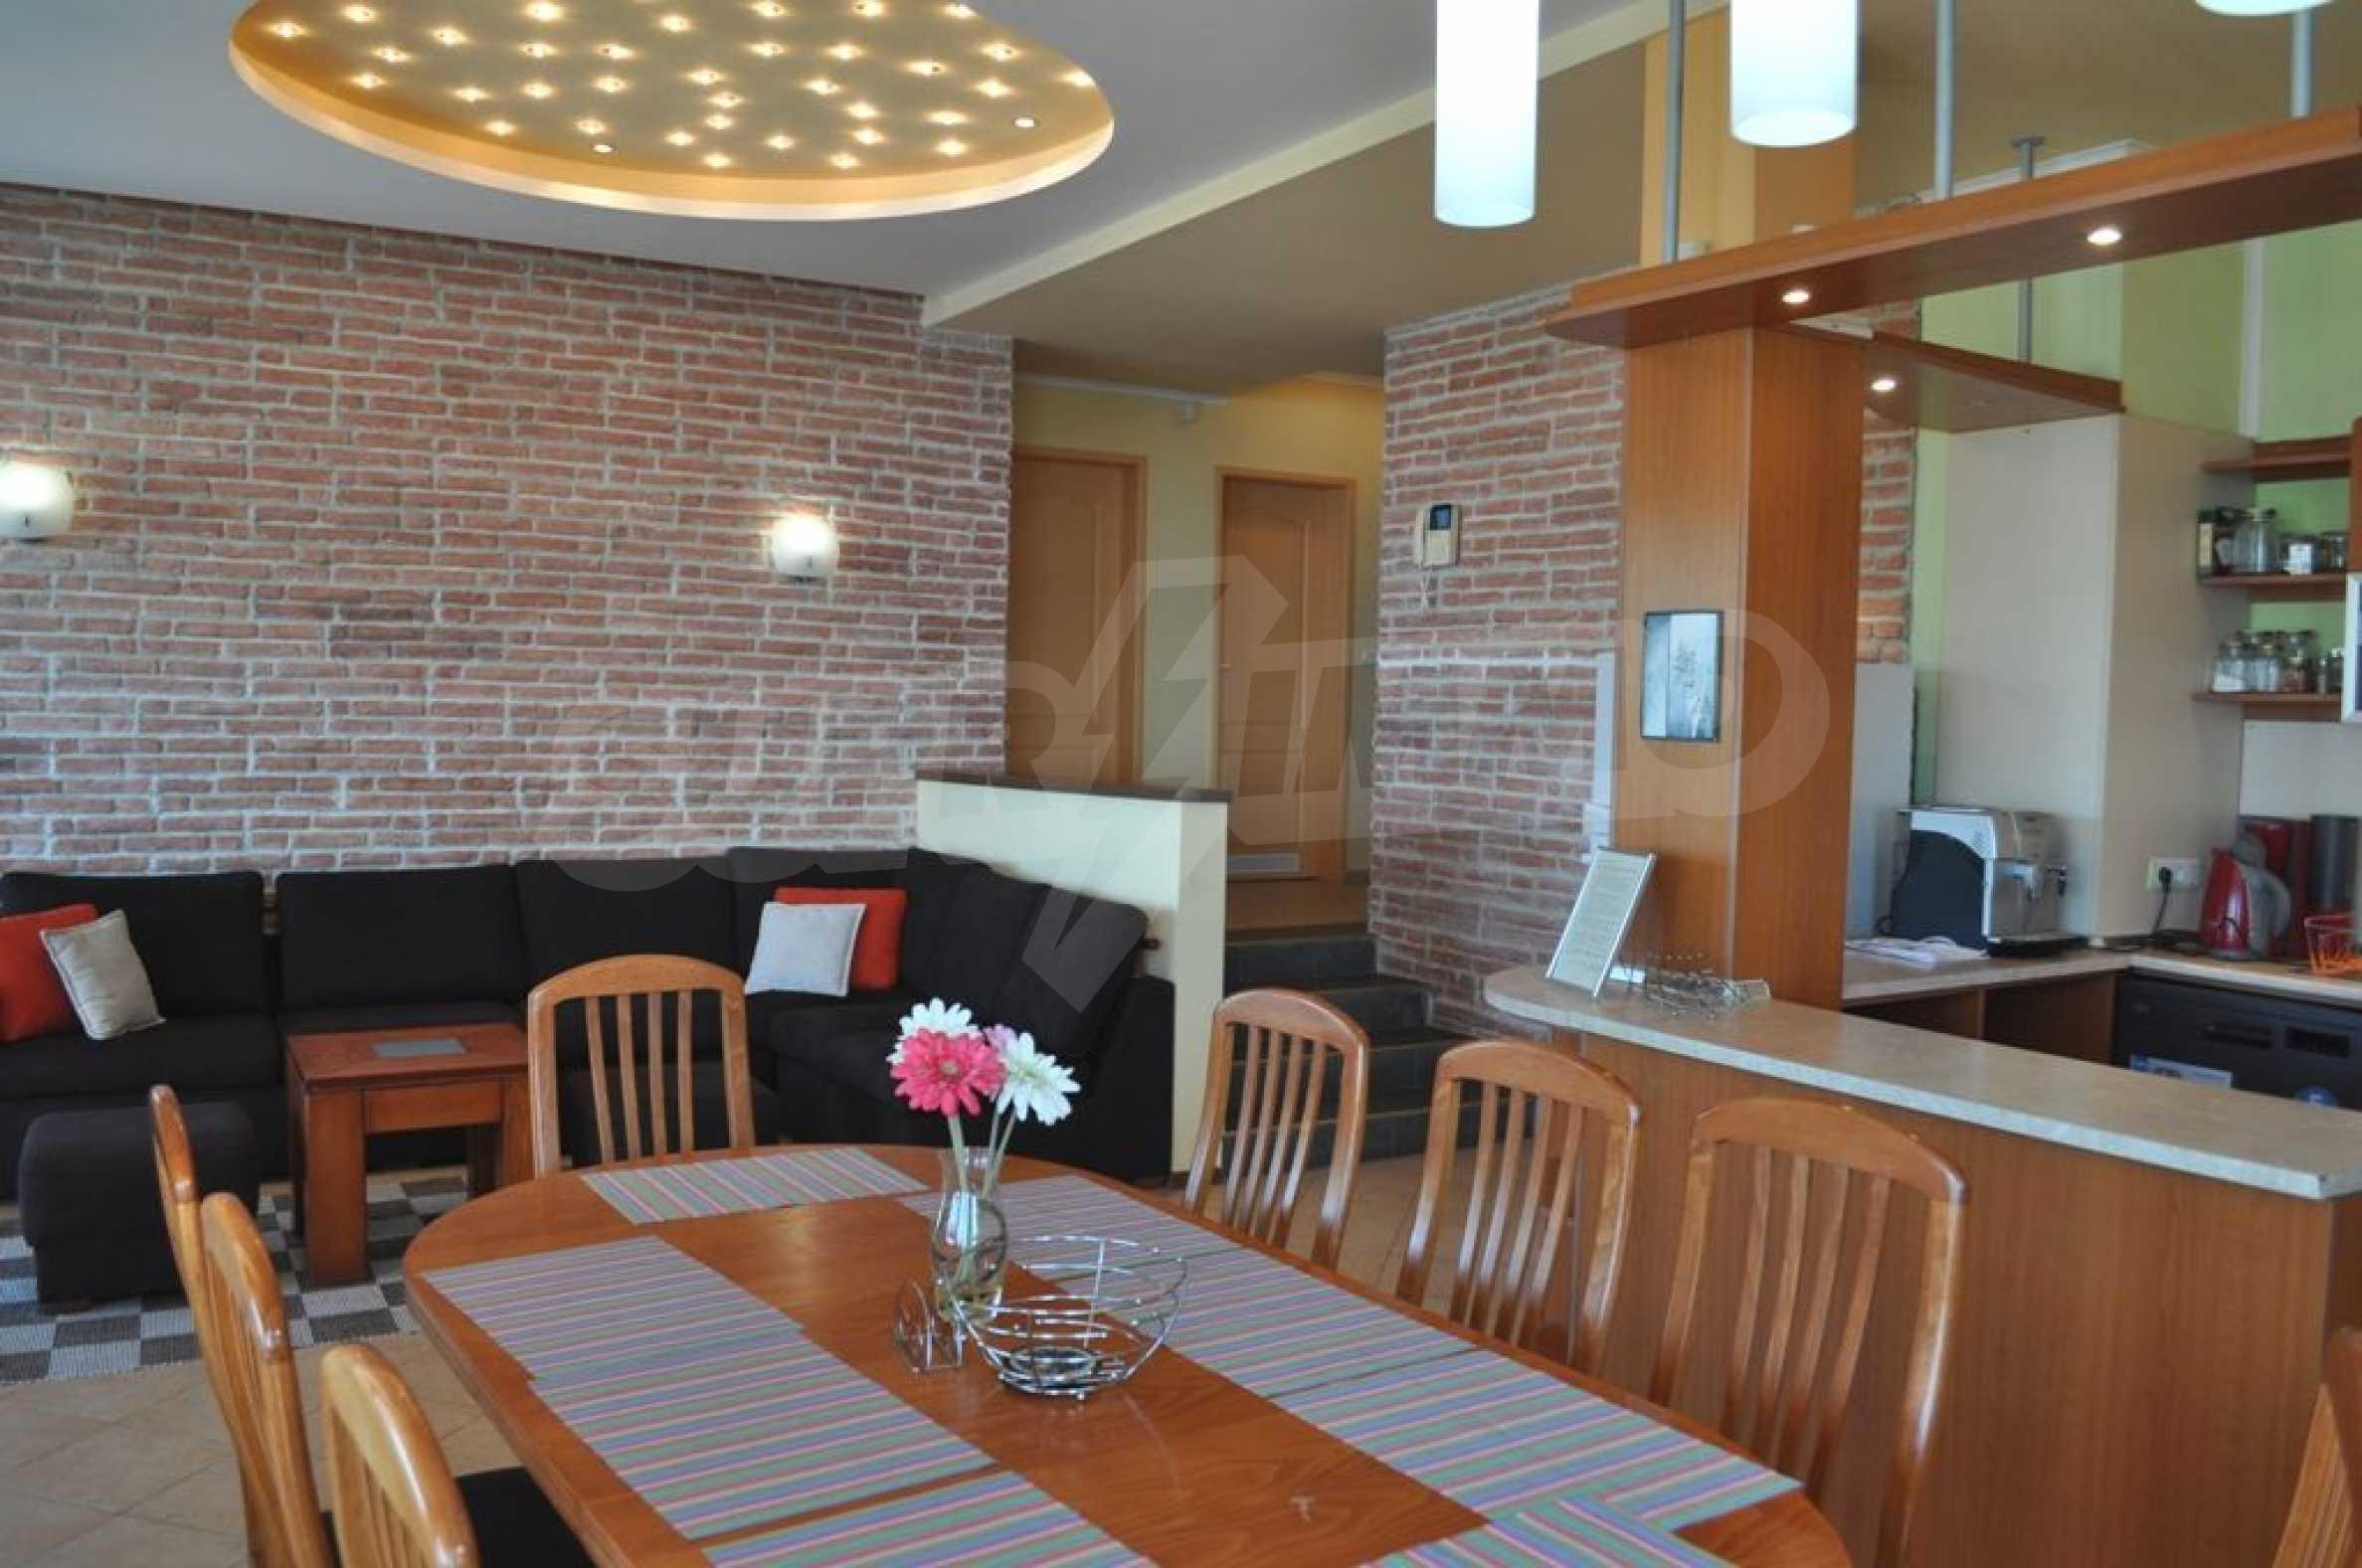 Villa mit Swimmingpool und 6 Schlafzimmern in der Nähe des Resorts Albena 8